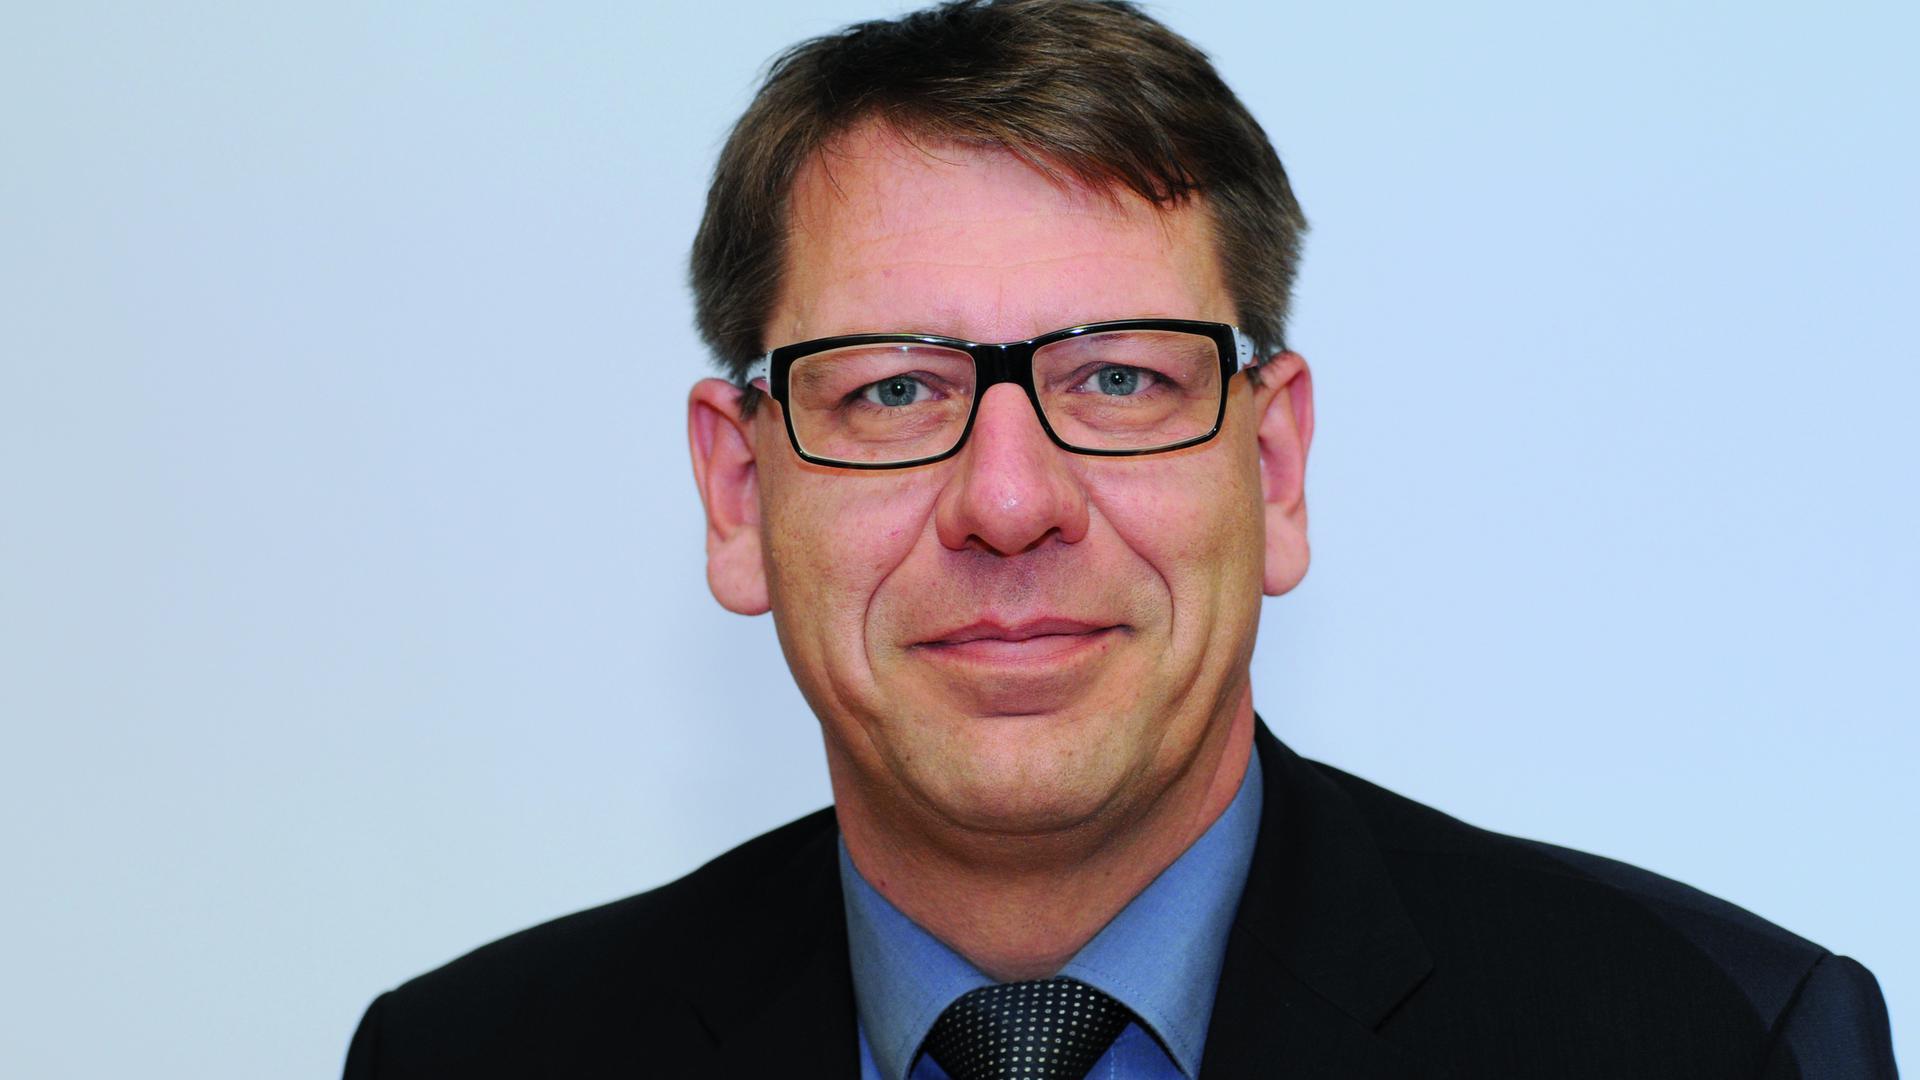 Michael Schmidt, Bürgermeister von Neulingen